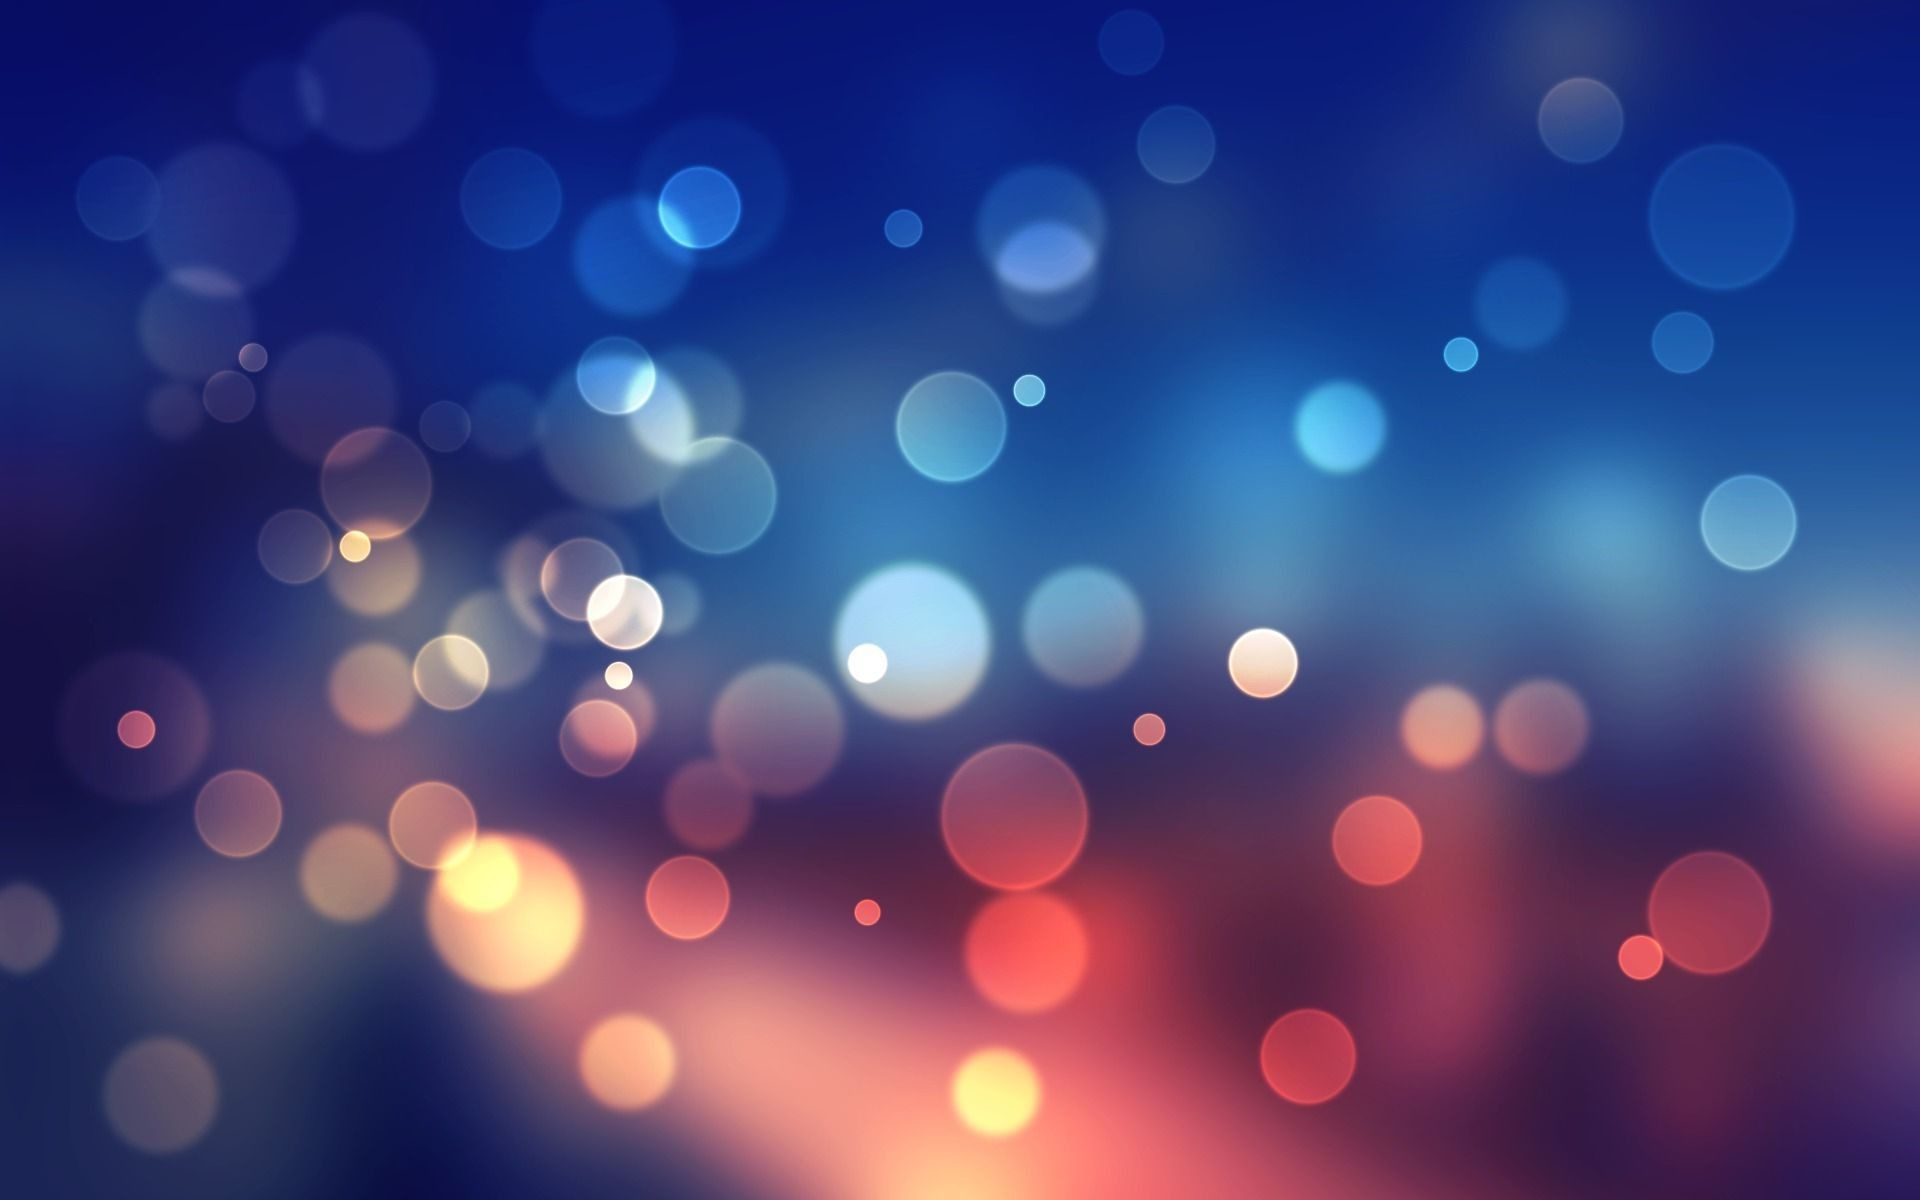 Moving Bubbles Desktop Wallpaper 55 Images